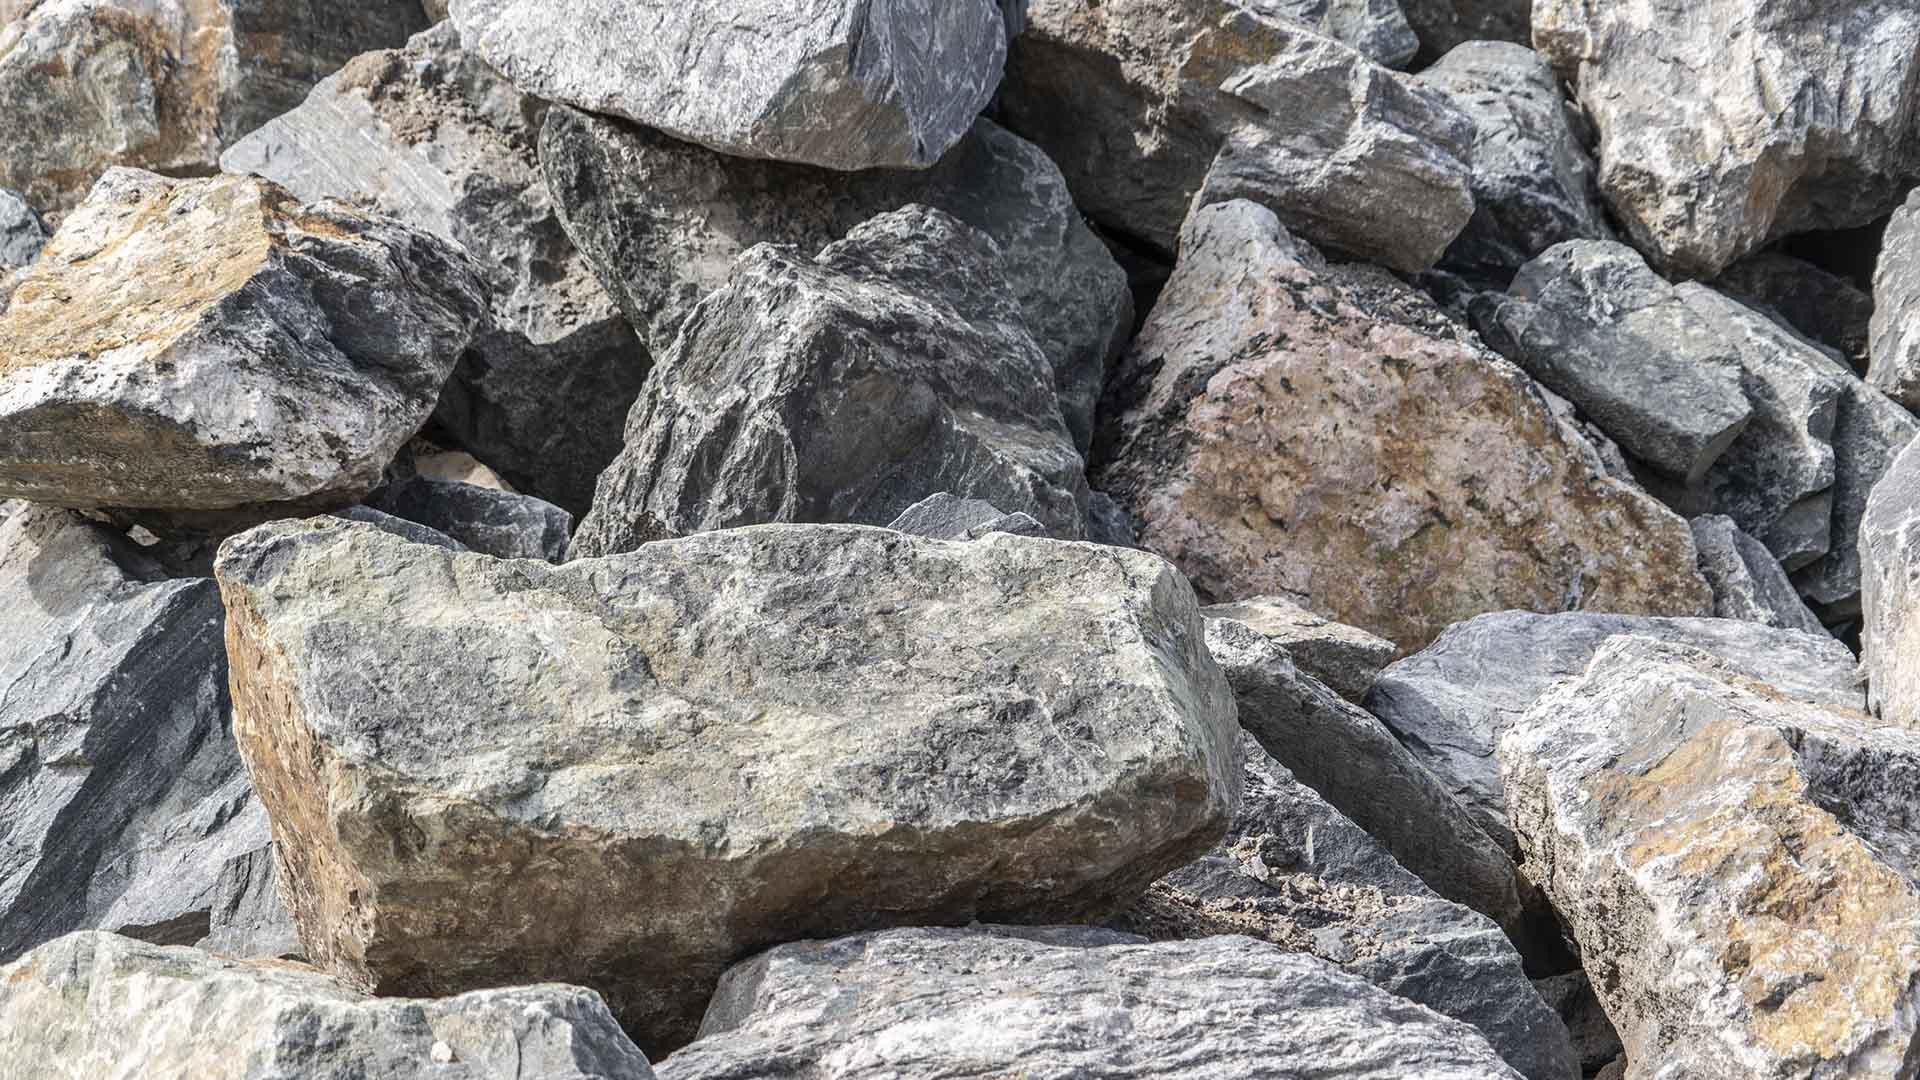 Black Granite Boulders - Large